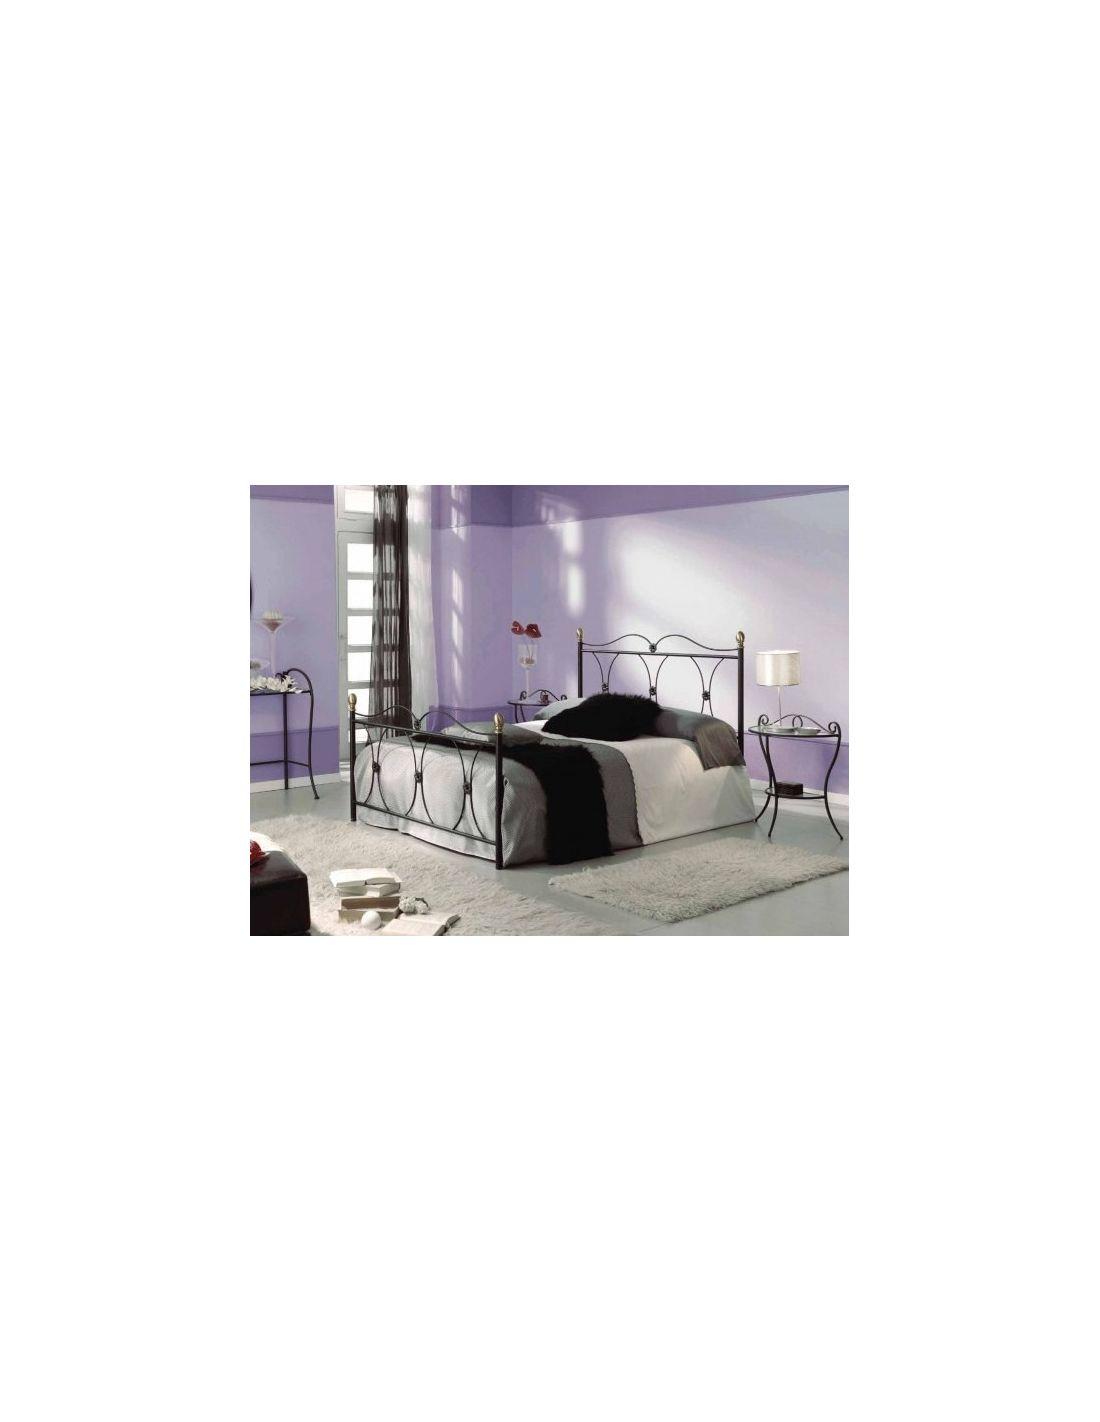 Cabezales metalicos cabezales de metal cabezales de - Cabeceros metalicos para camas ...